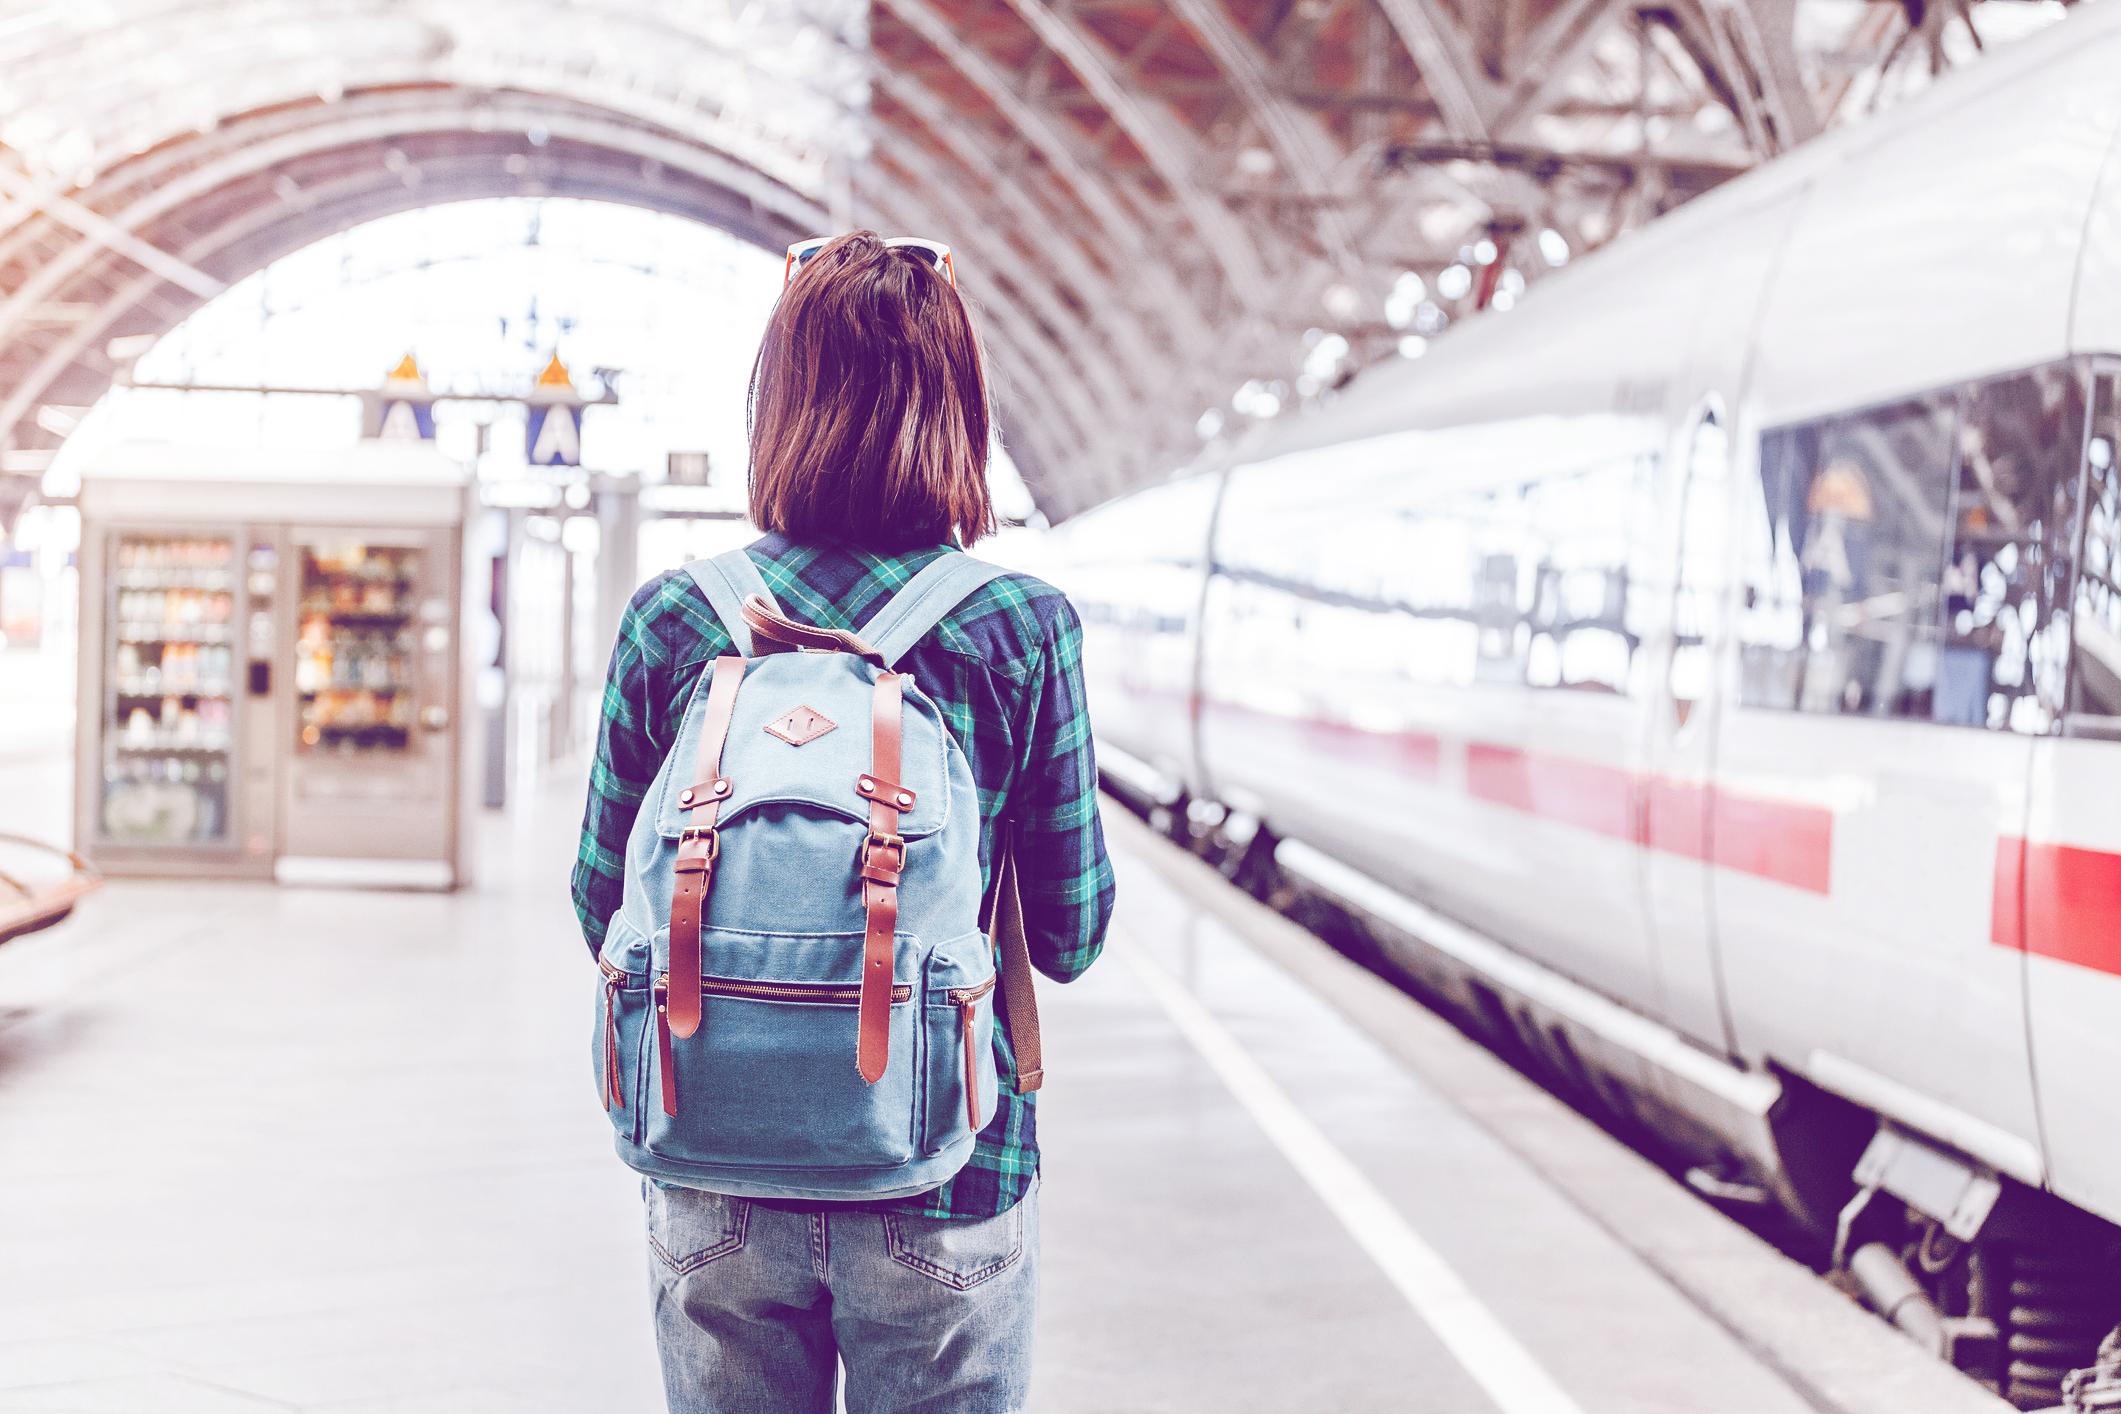 Flexticket, Sparpreis & Co.: So stornierst du deine Bahntickets jetzt richtig   desired.de